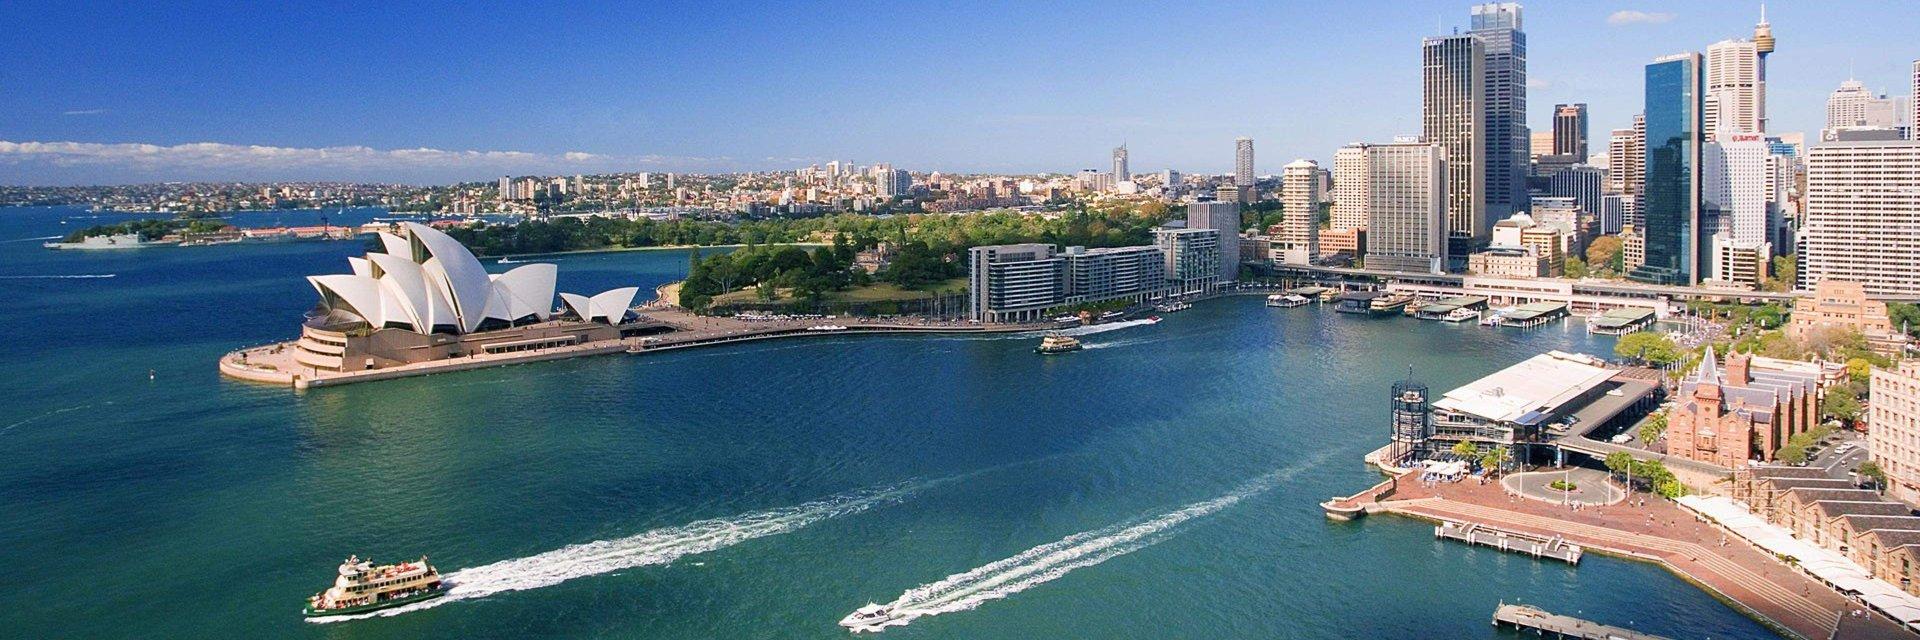 Туры на курорт Аделаида (Австралия) на 7 дней / 6 ночей 2020 из Москвы - цены, путевки на отдых на курорте Аделаида на семь дней - ПАКС